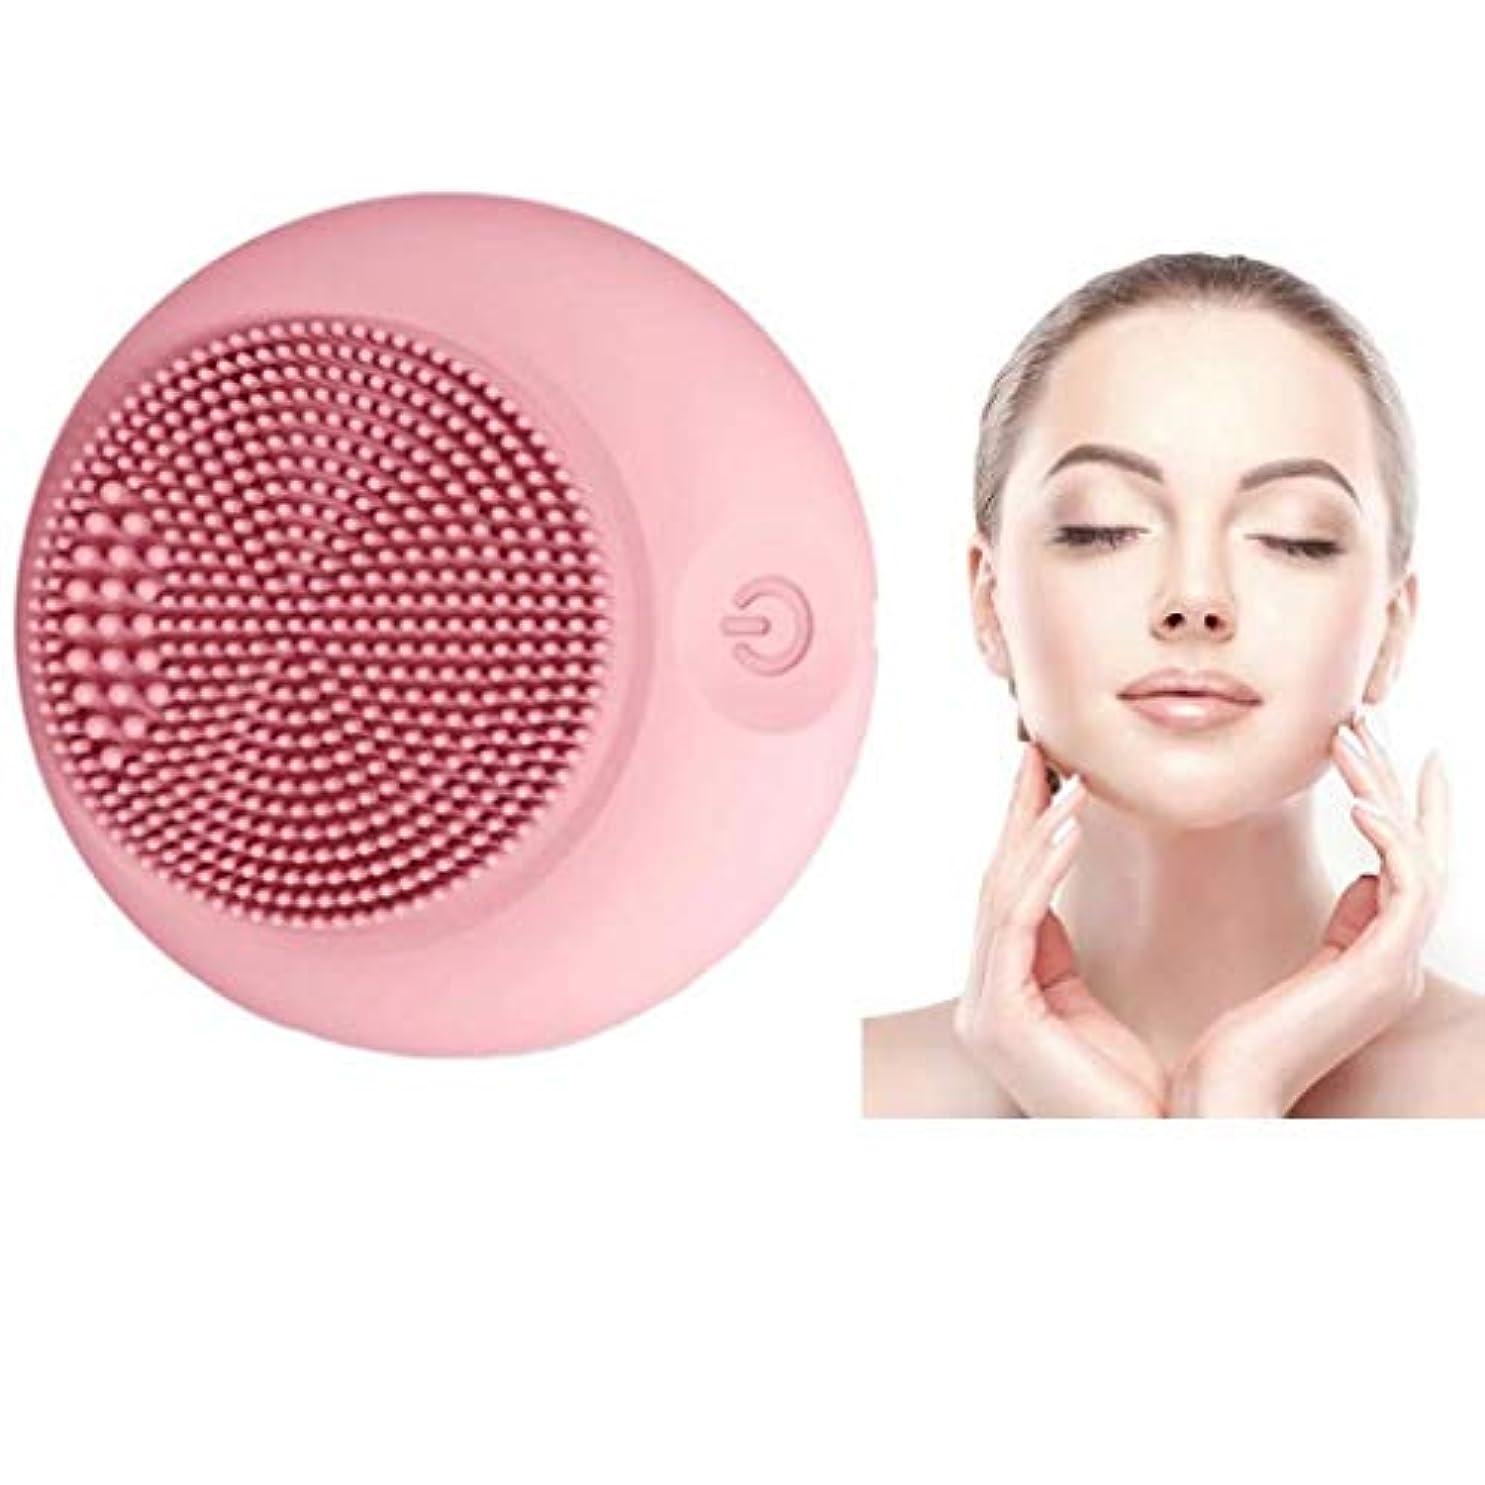 宮殿超える電話クレンジング楽器、シリコンクレンジングブラシ、電動ウォッシュブラシ、シリコンフェイシャルマッサージ、ポータブル超音波振動、肌を清潔に保ち、防水、すべての肌タイプに適して (Color : Pink)